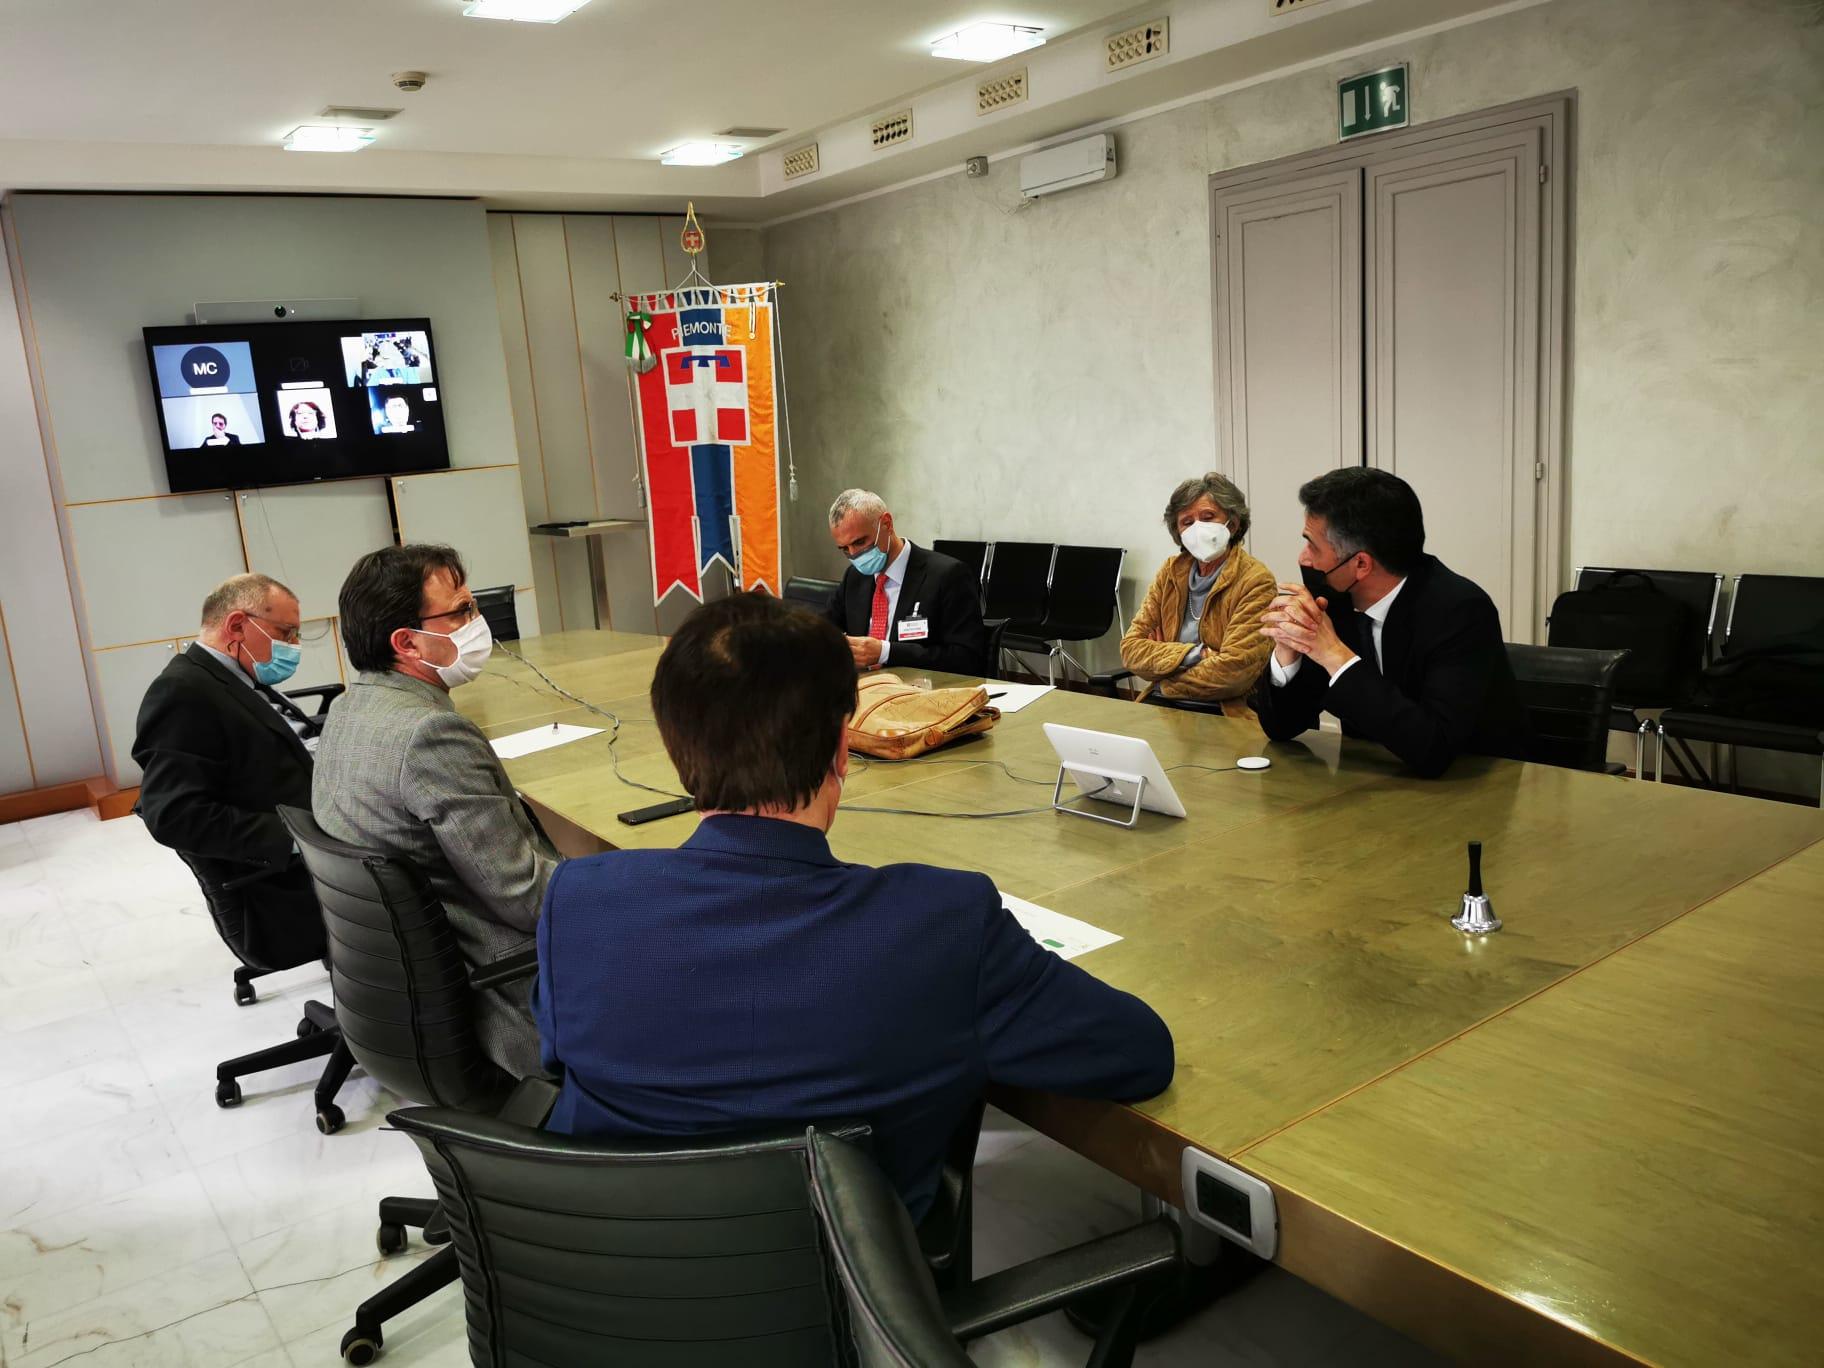 L'europarlamentare Salini e l'Assessore Tronzano hanno incontrato aziende e vertici del nostro Distretto Aerospaziale Piemonte